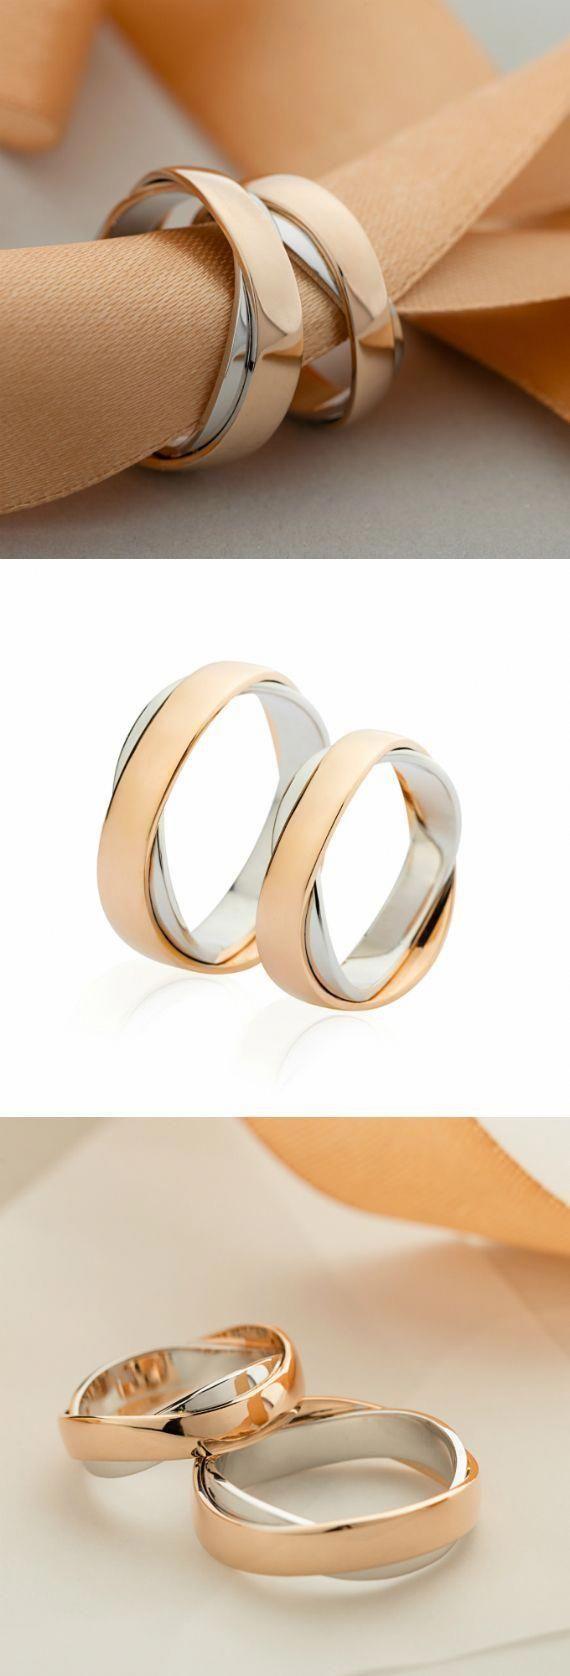 Wedding Rings Matching Wedding Bands Wedding Ring Set Wedding